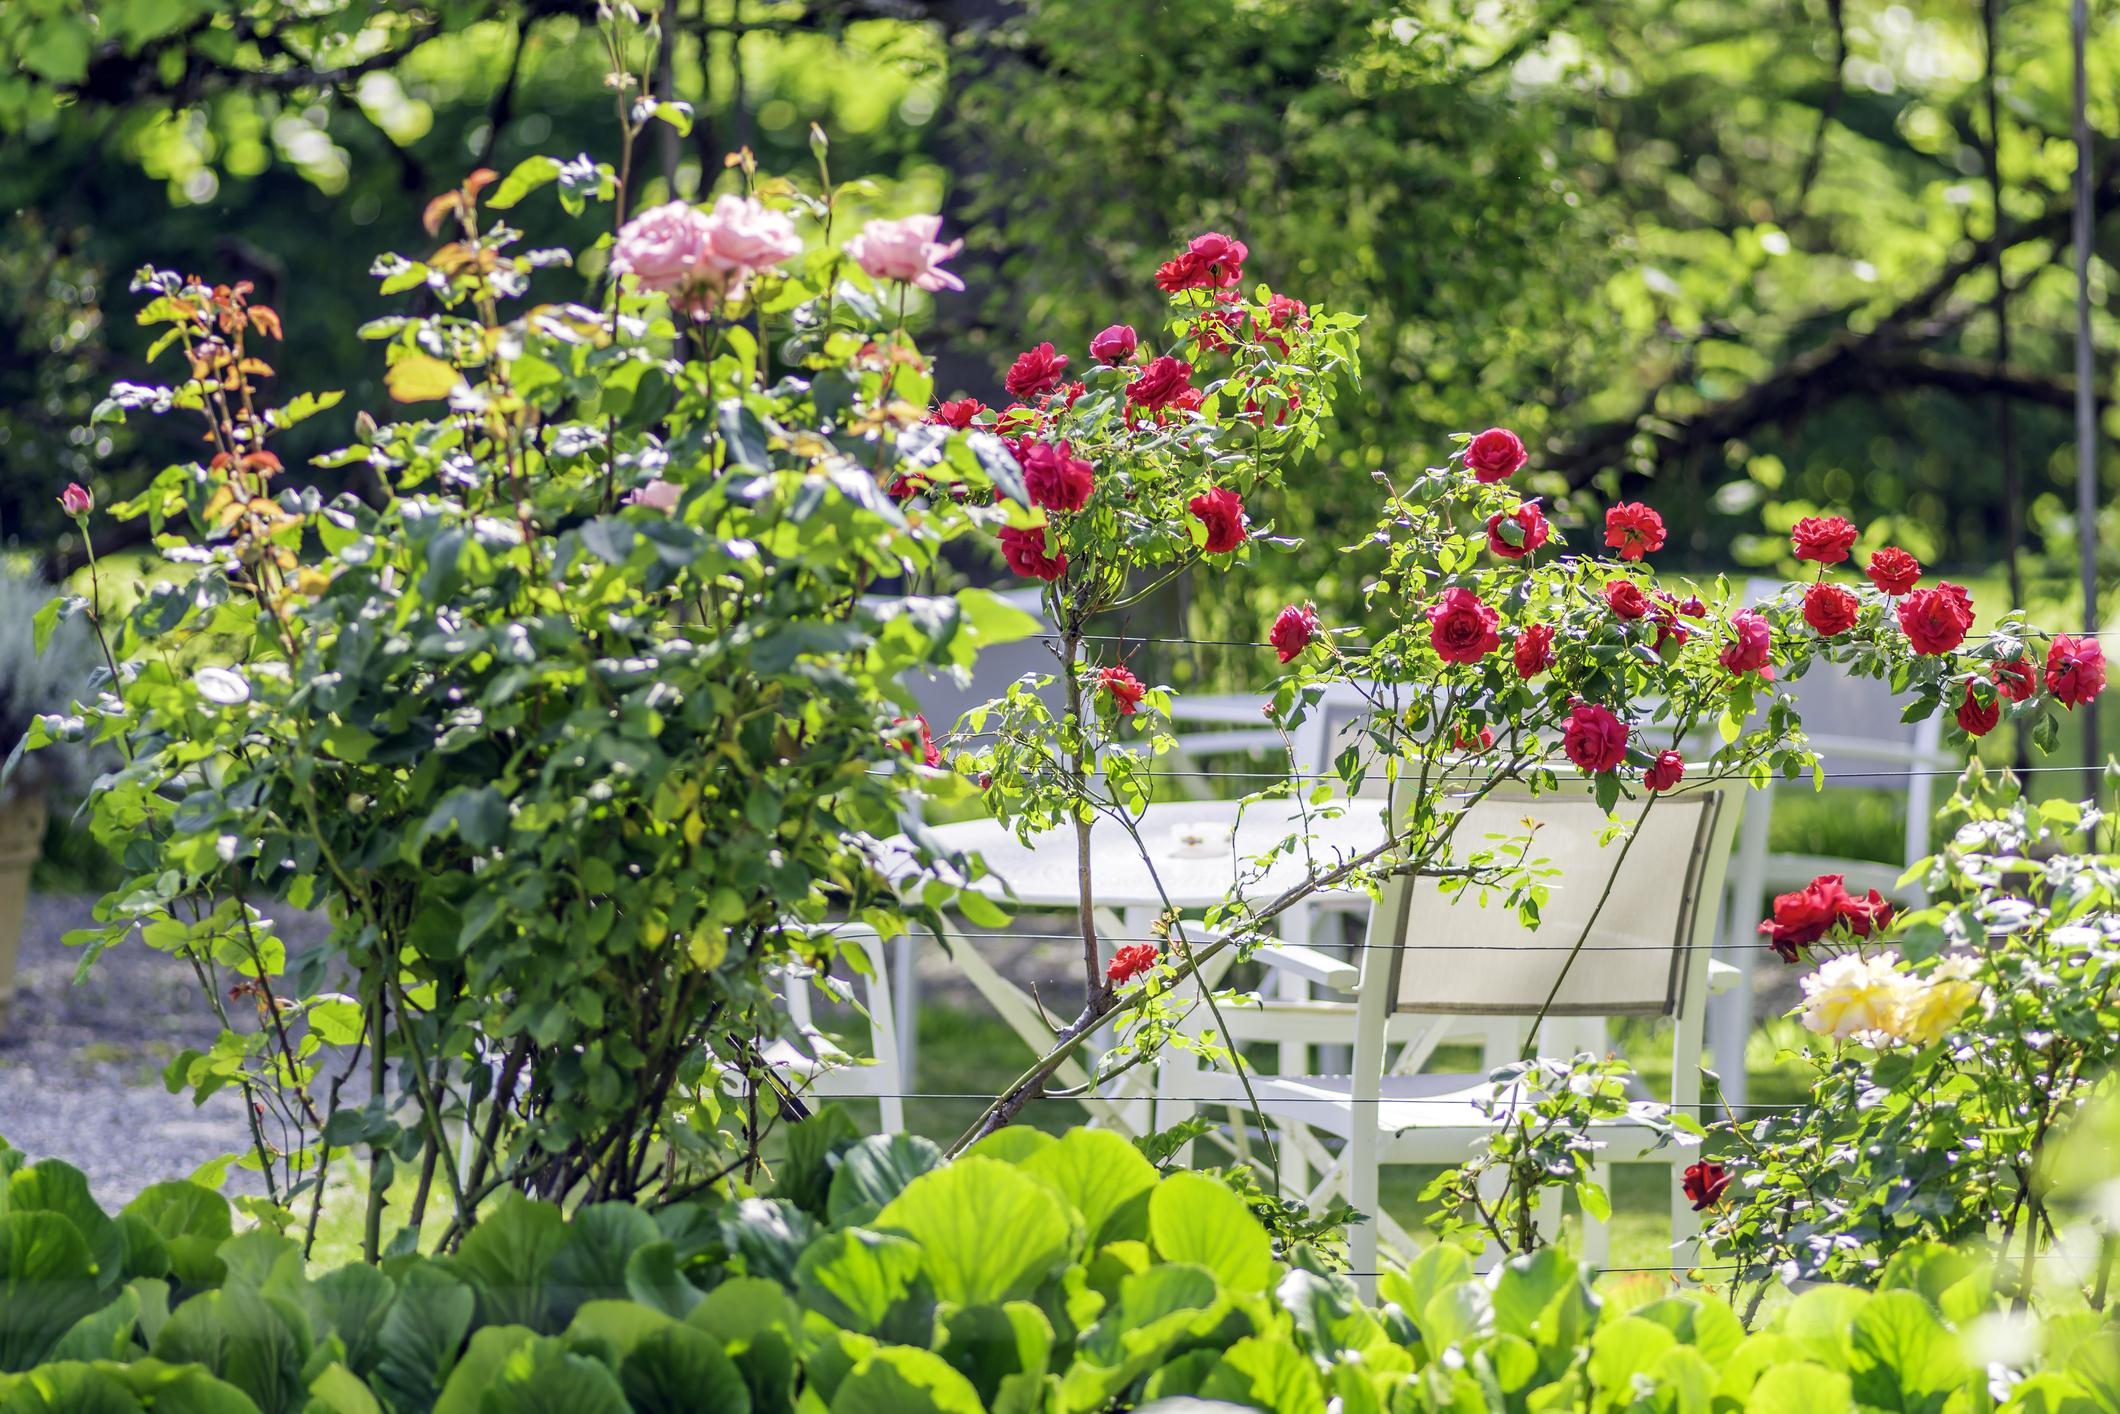 Comment Décorer Son Jardin ? - Maison&travaux pour Grosse Pierre Decoration Jardin